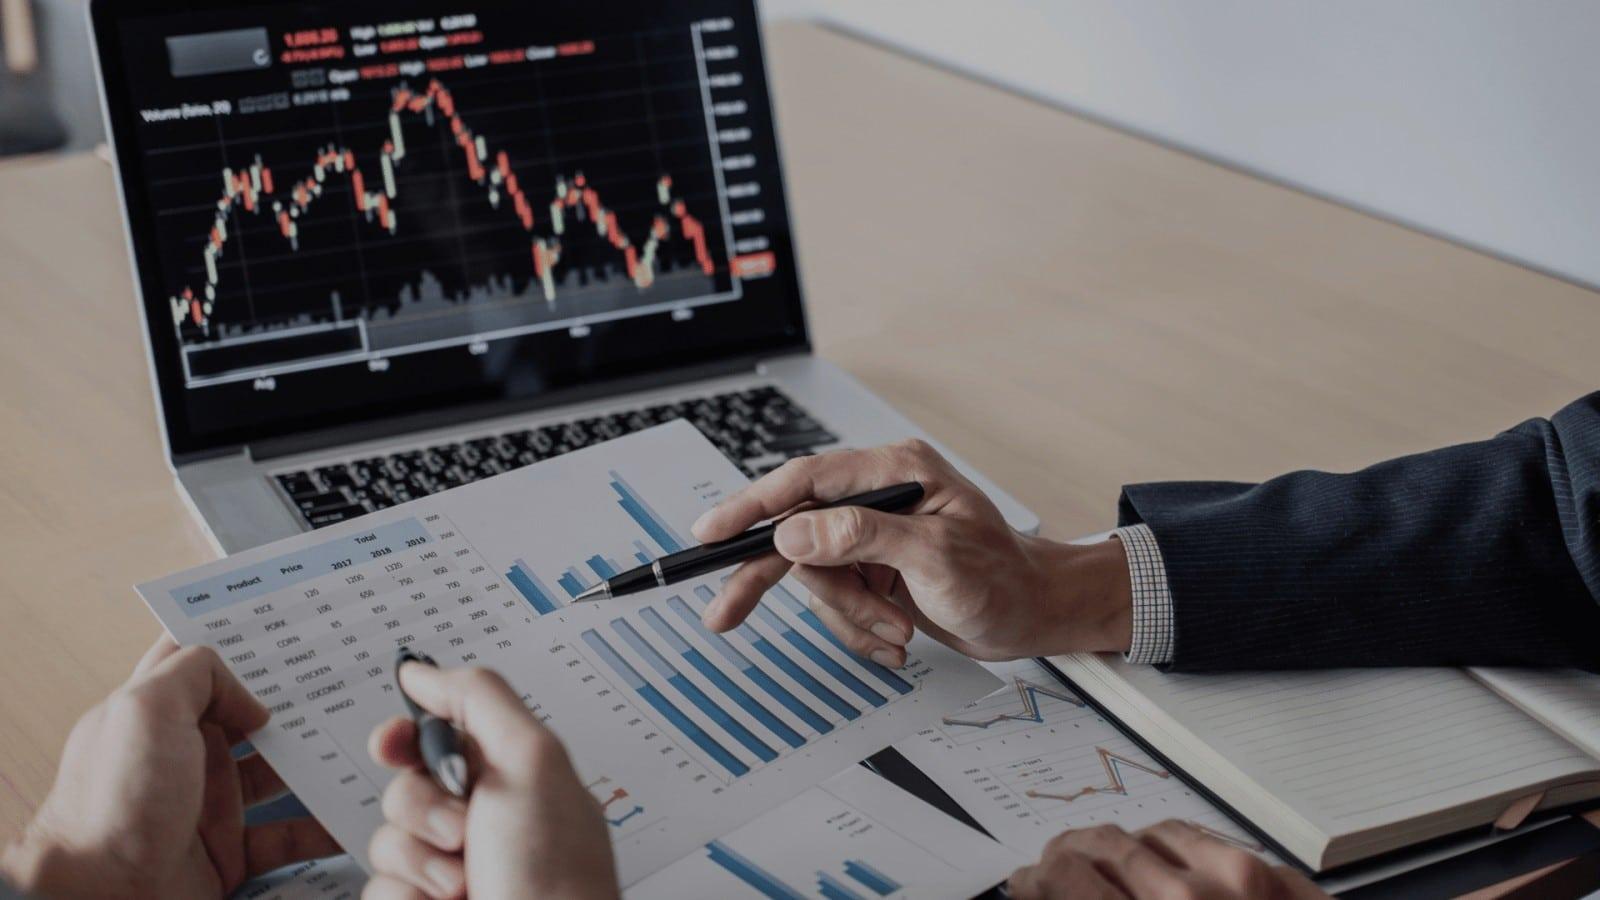 Wykres przedstawiający ruch na giełdzie i cen aktywów firmy